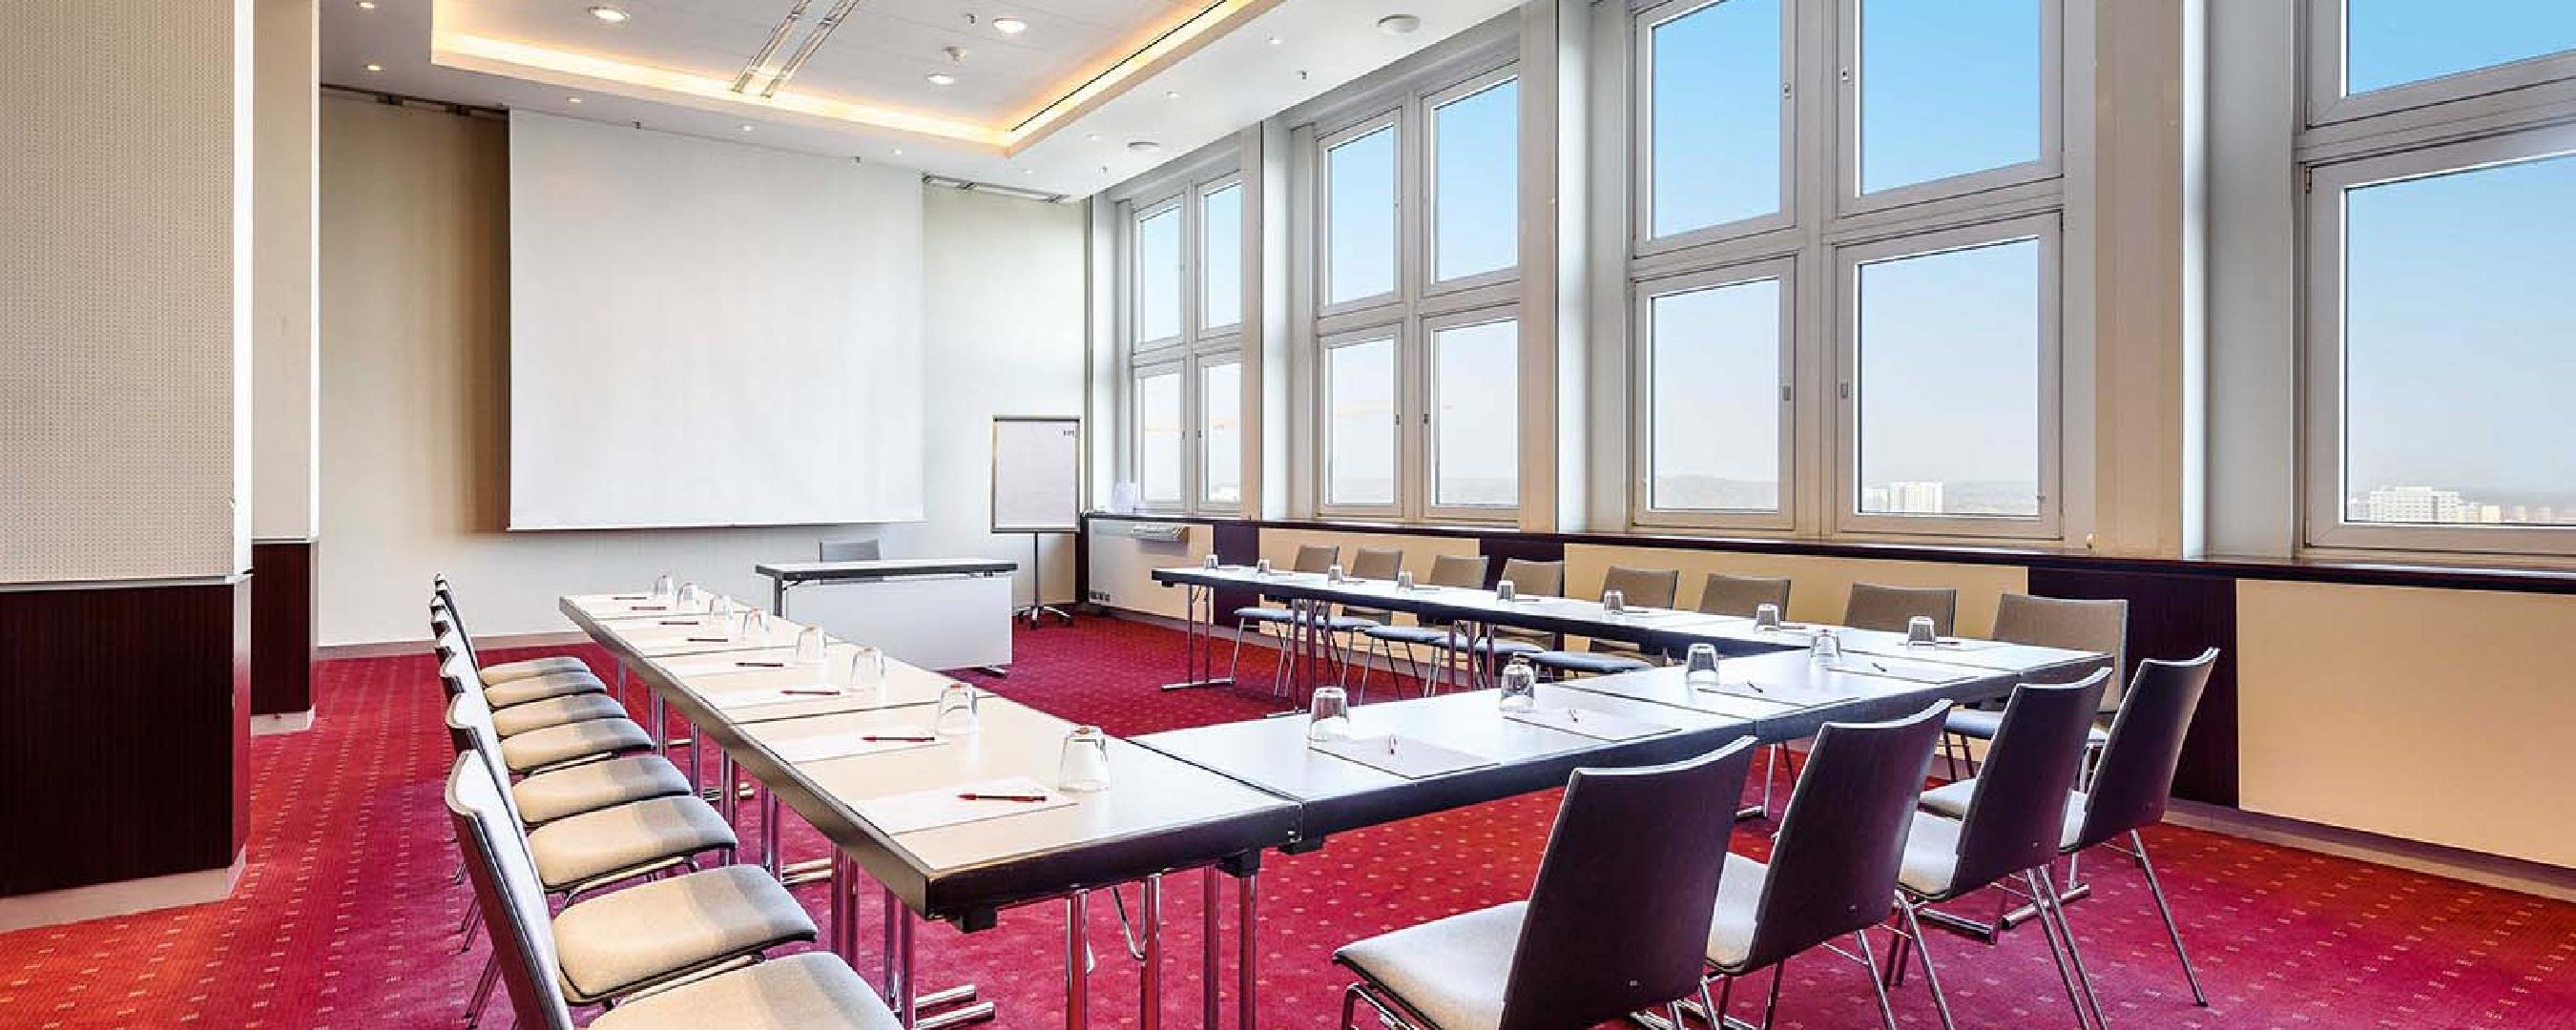 Picture 3 of Saal, Parkett & Bühne - für Ihr Event - alles unter Ihrer Regie ...